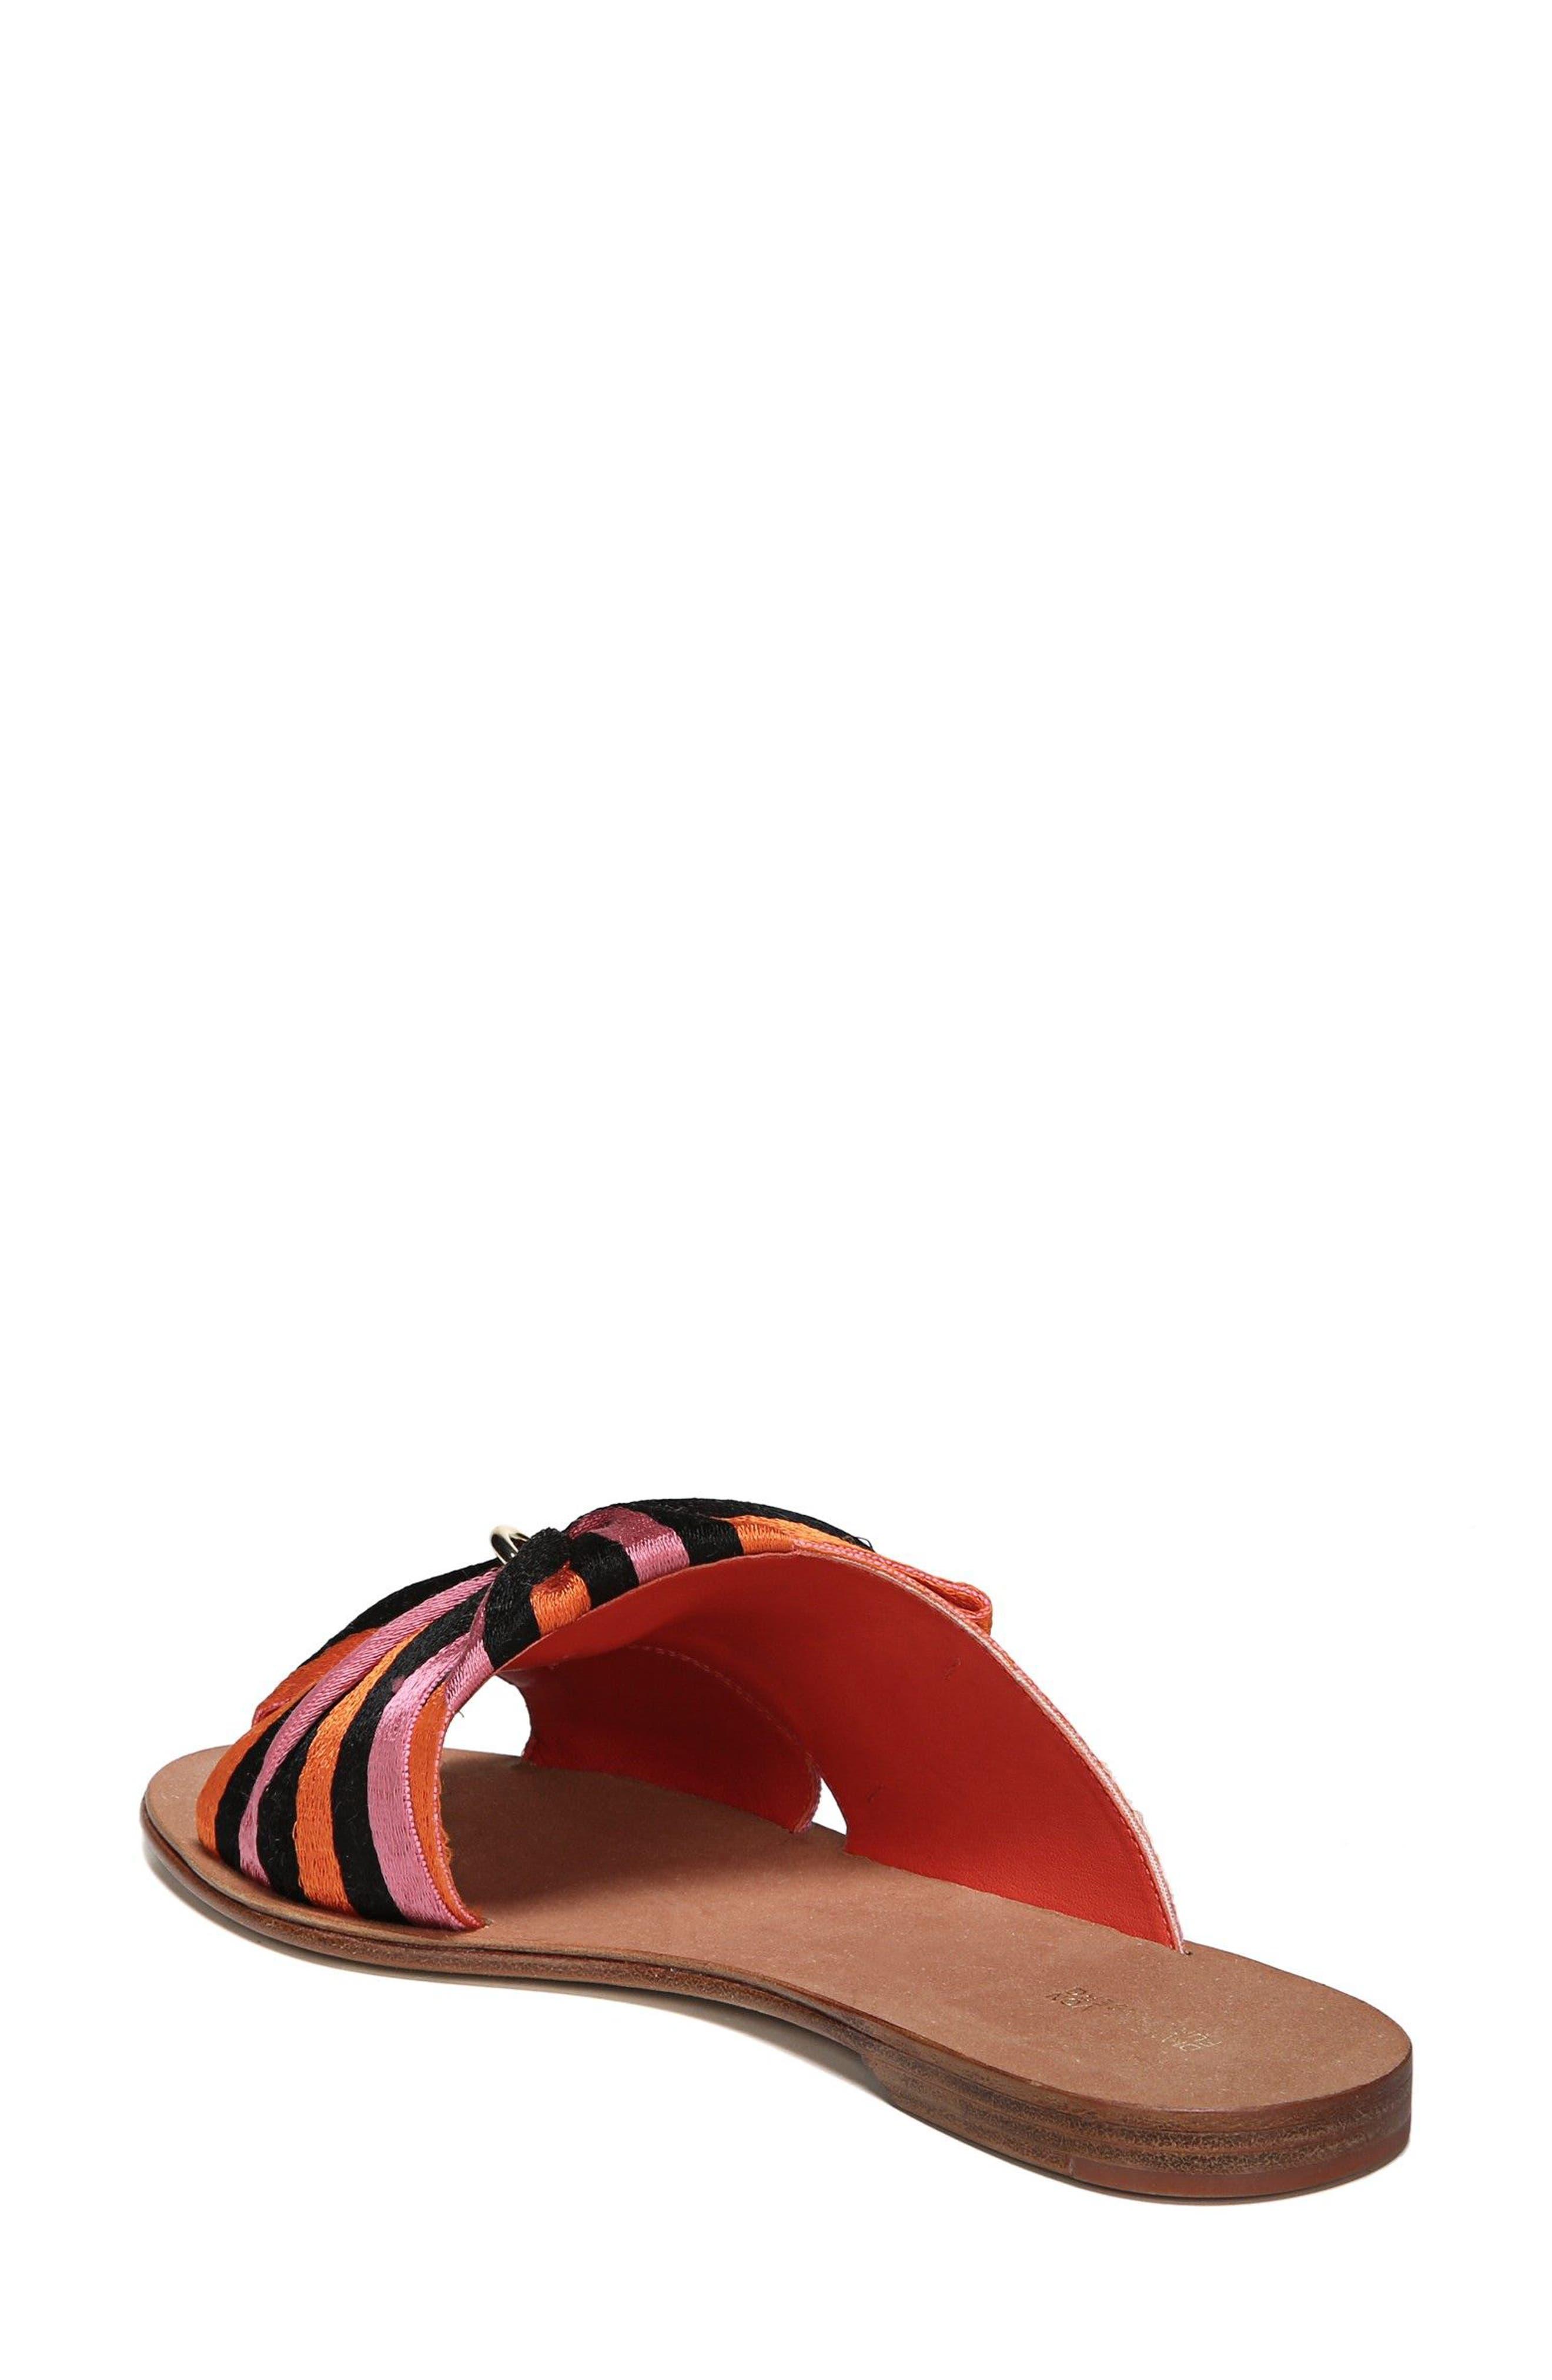 Bella Asymmetrical Slide Sandal,                             Alternate thumbnail 2, color,                             Rose Multi